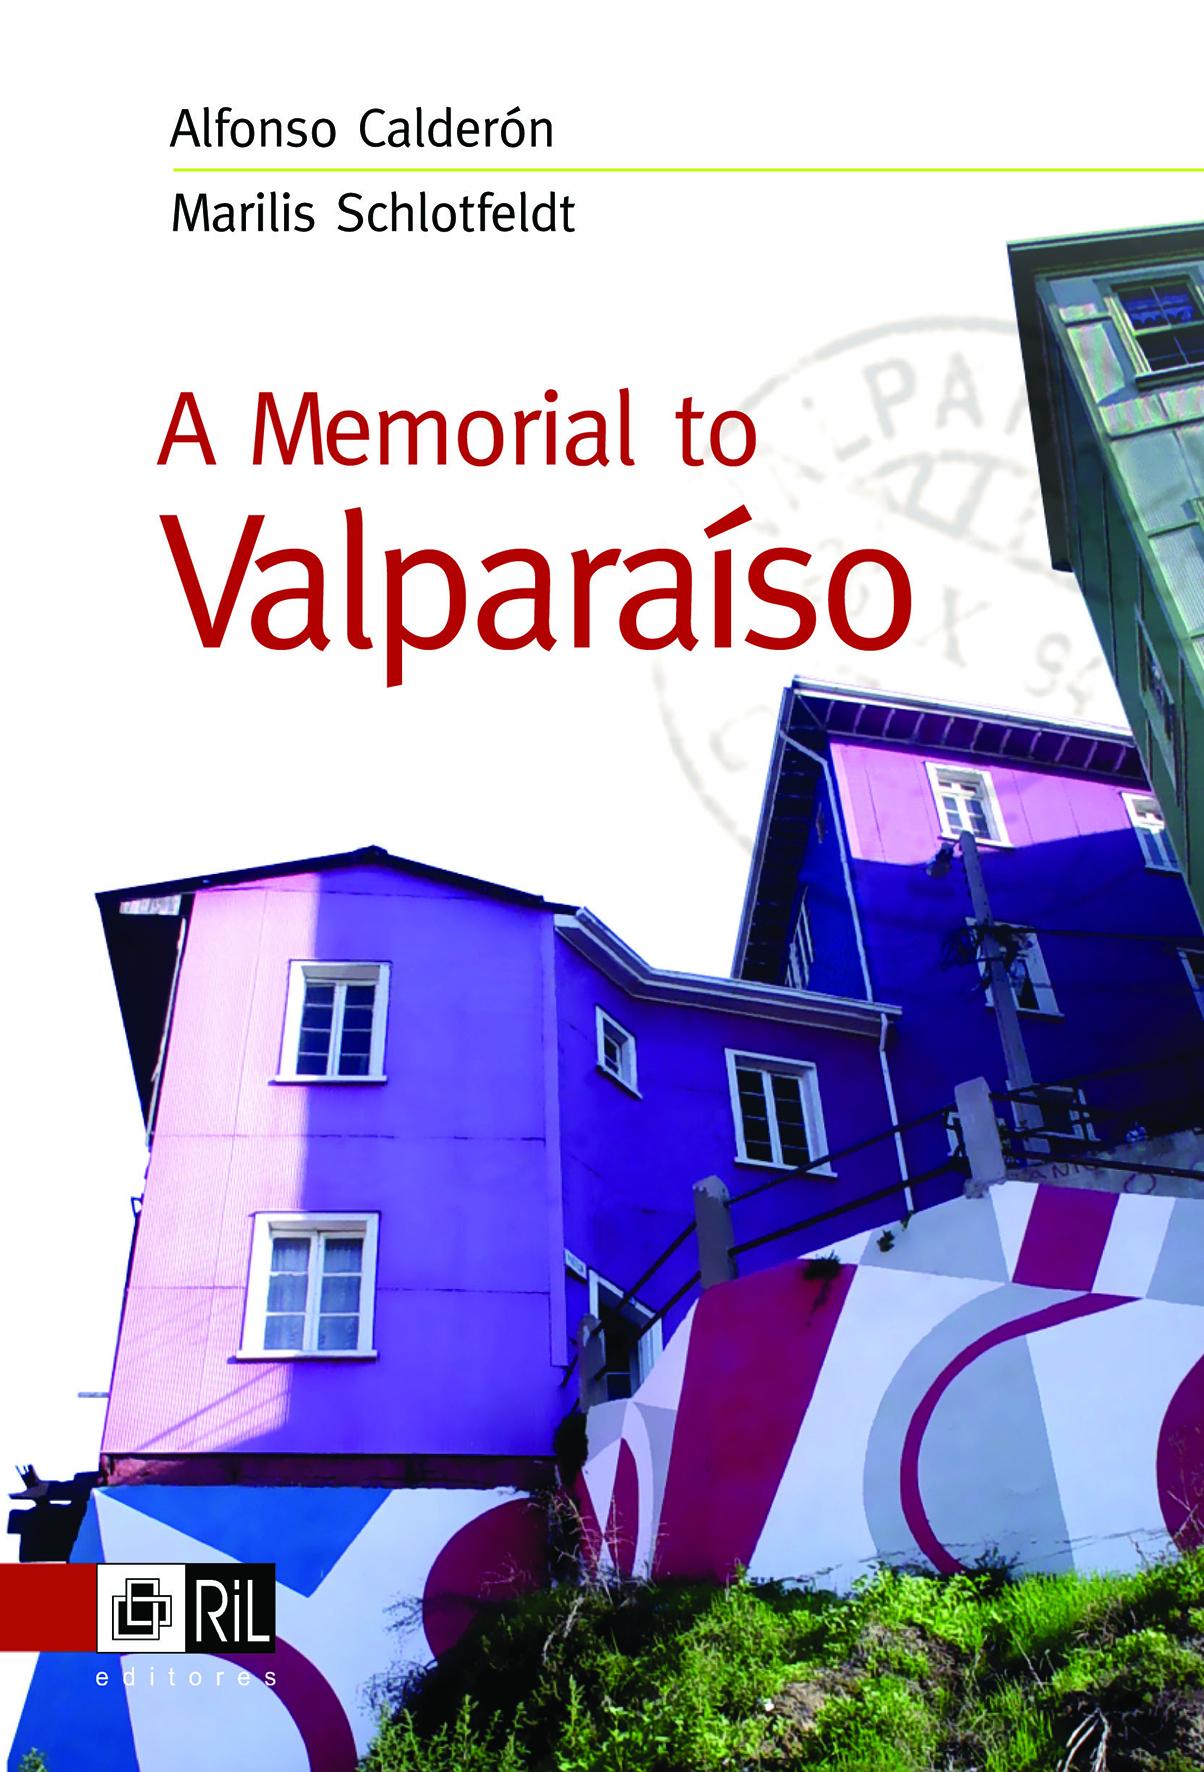 A memorial of Valparaiso 1